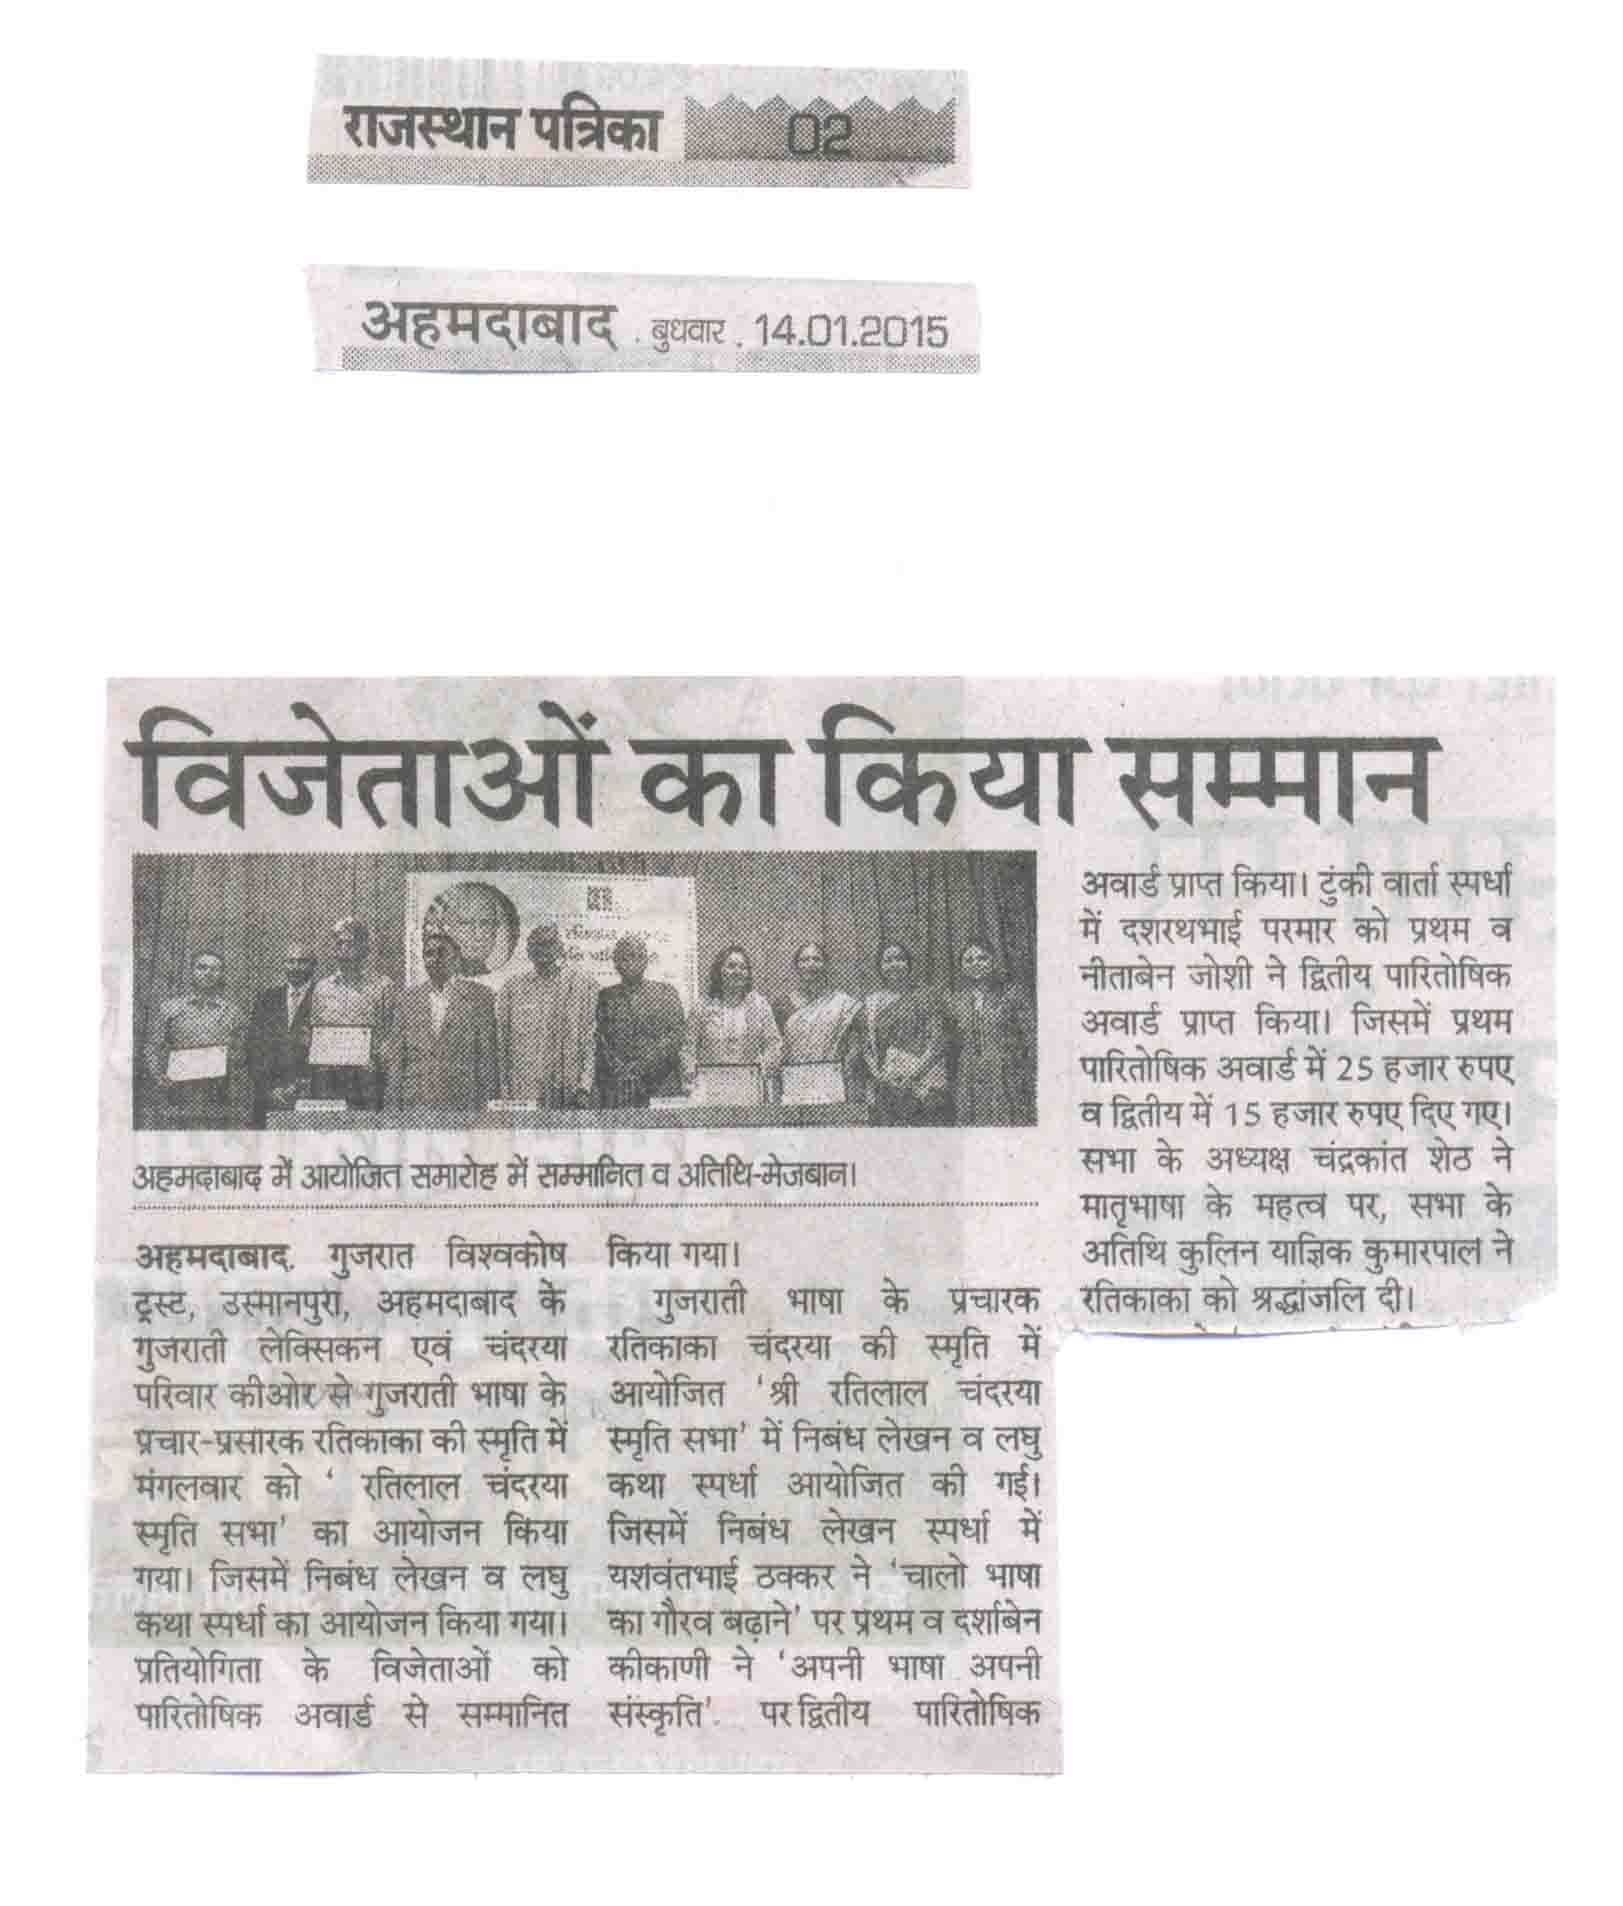 Rajasthan Patrika Page03 140115